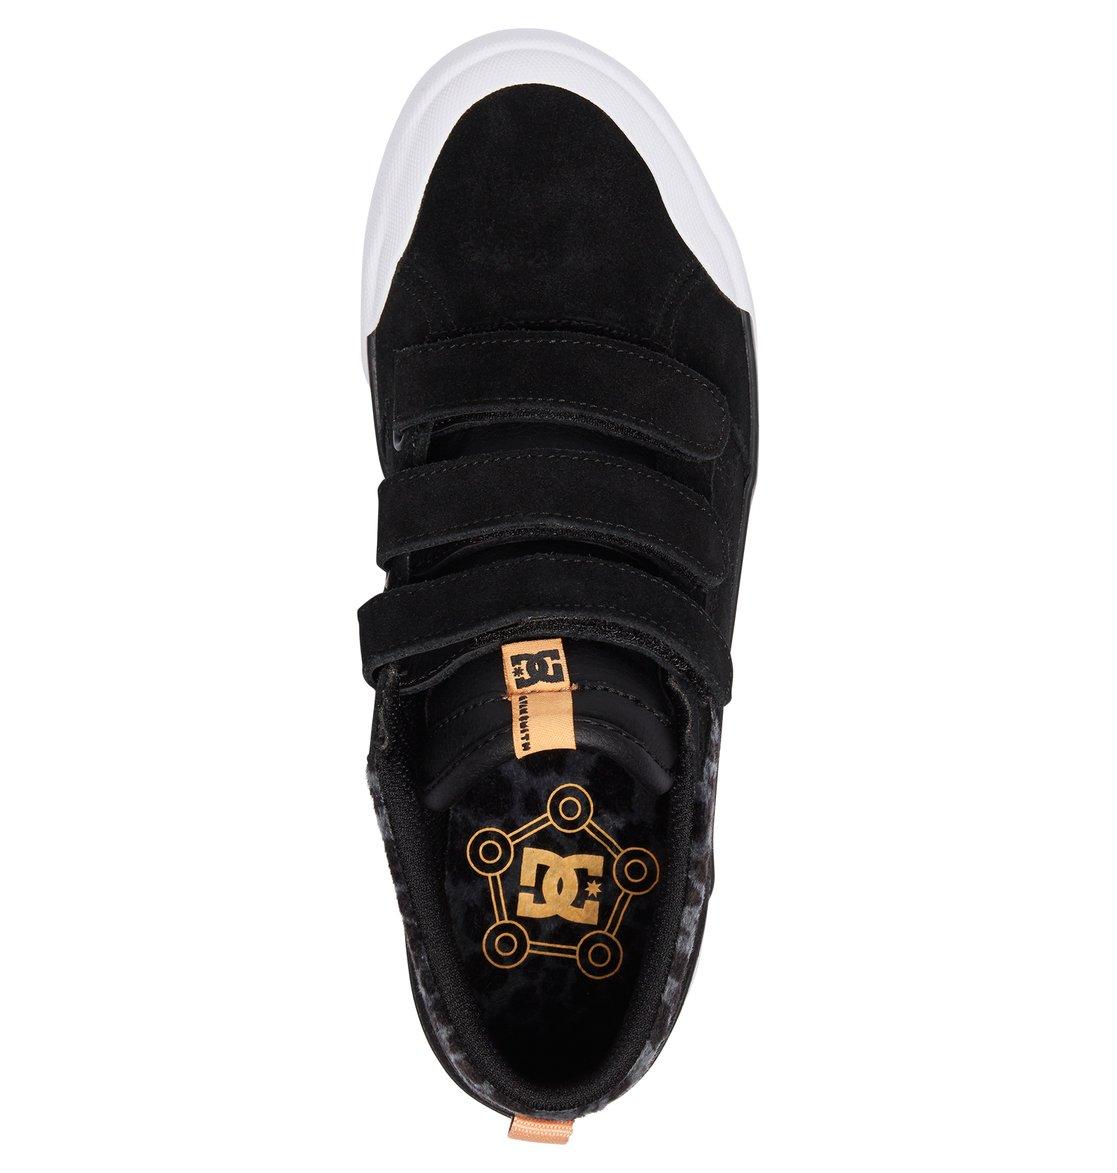 DC-Shoes-Evan-HI-V-SE-Hi-Tops-fuer-Frauen-ADJS300200